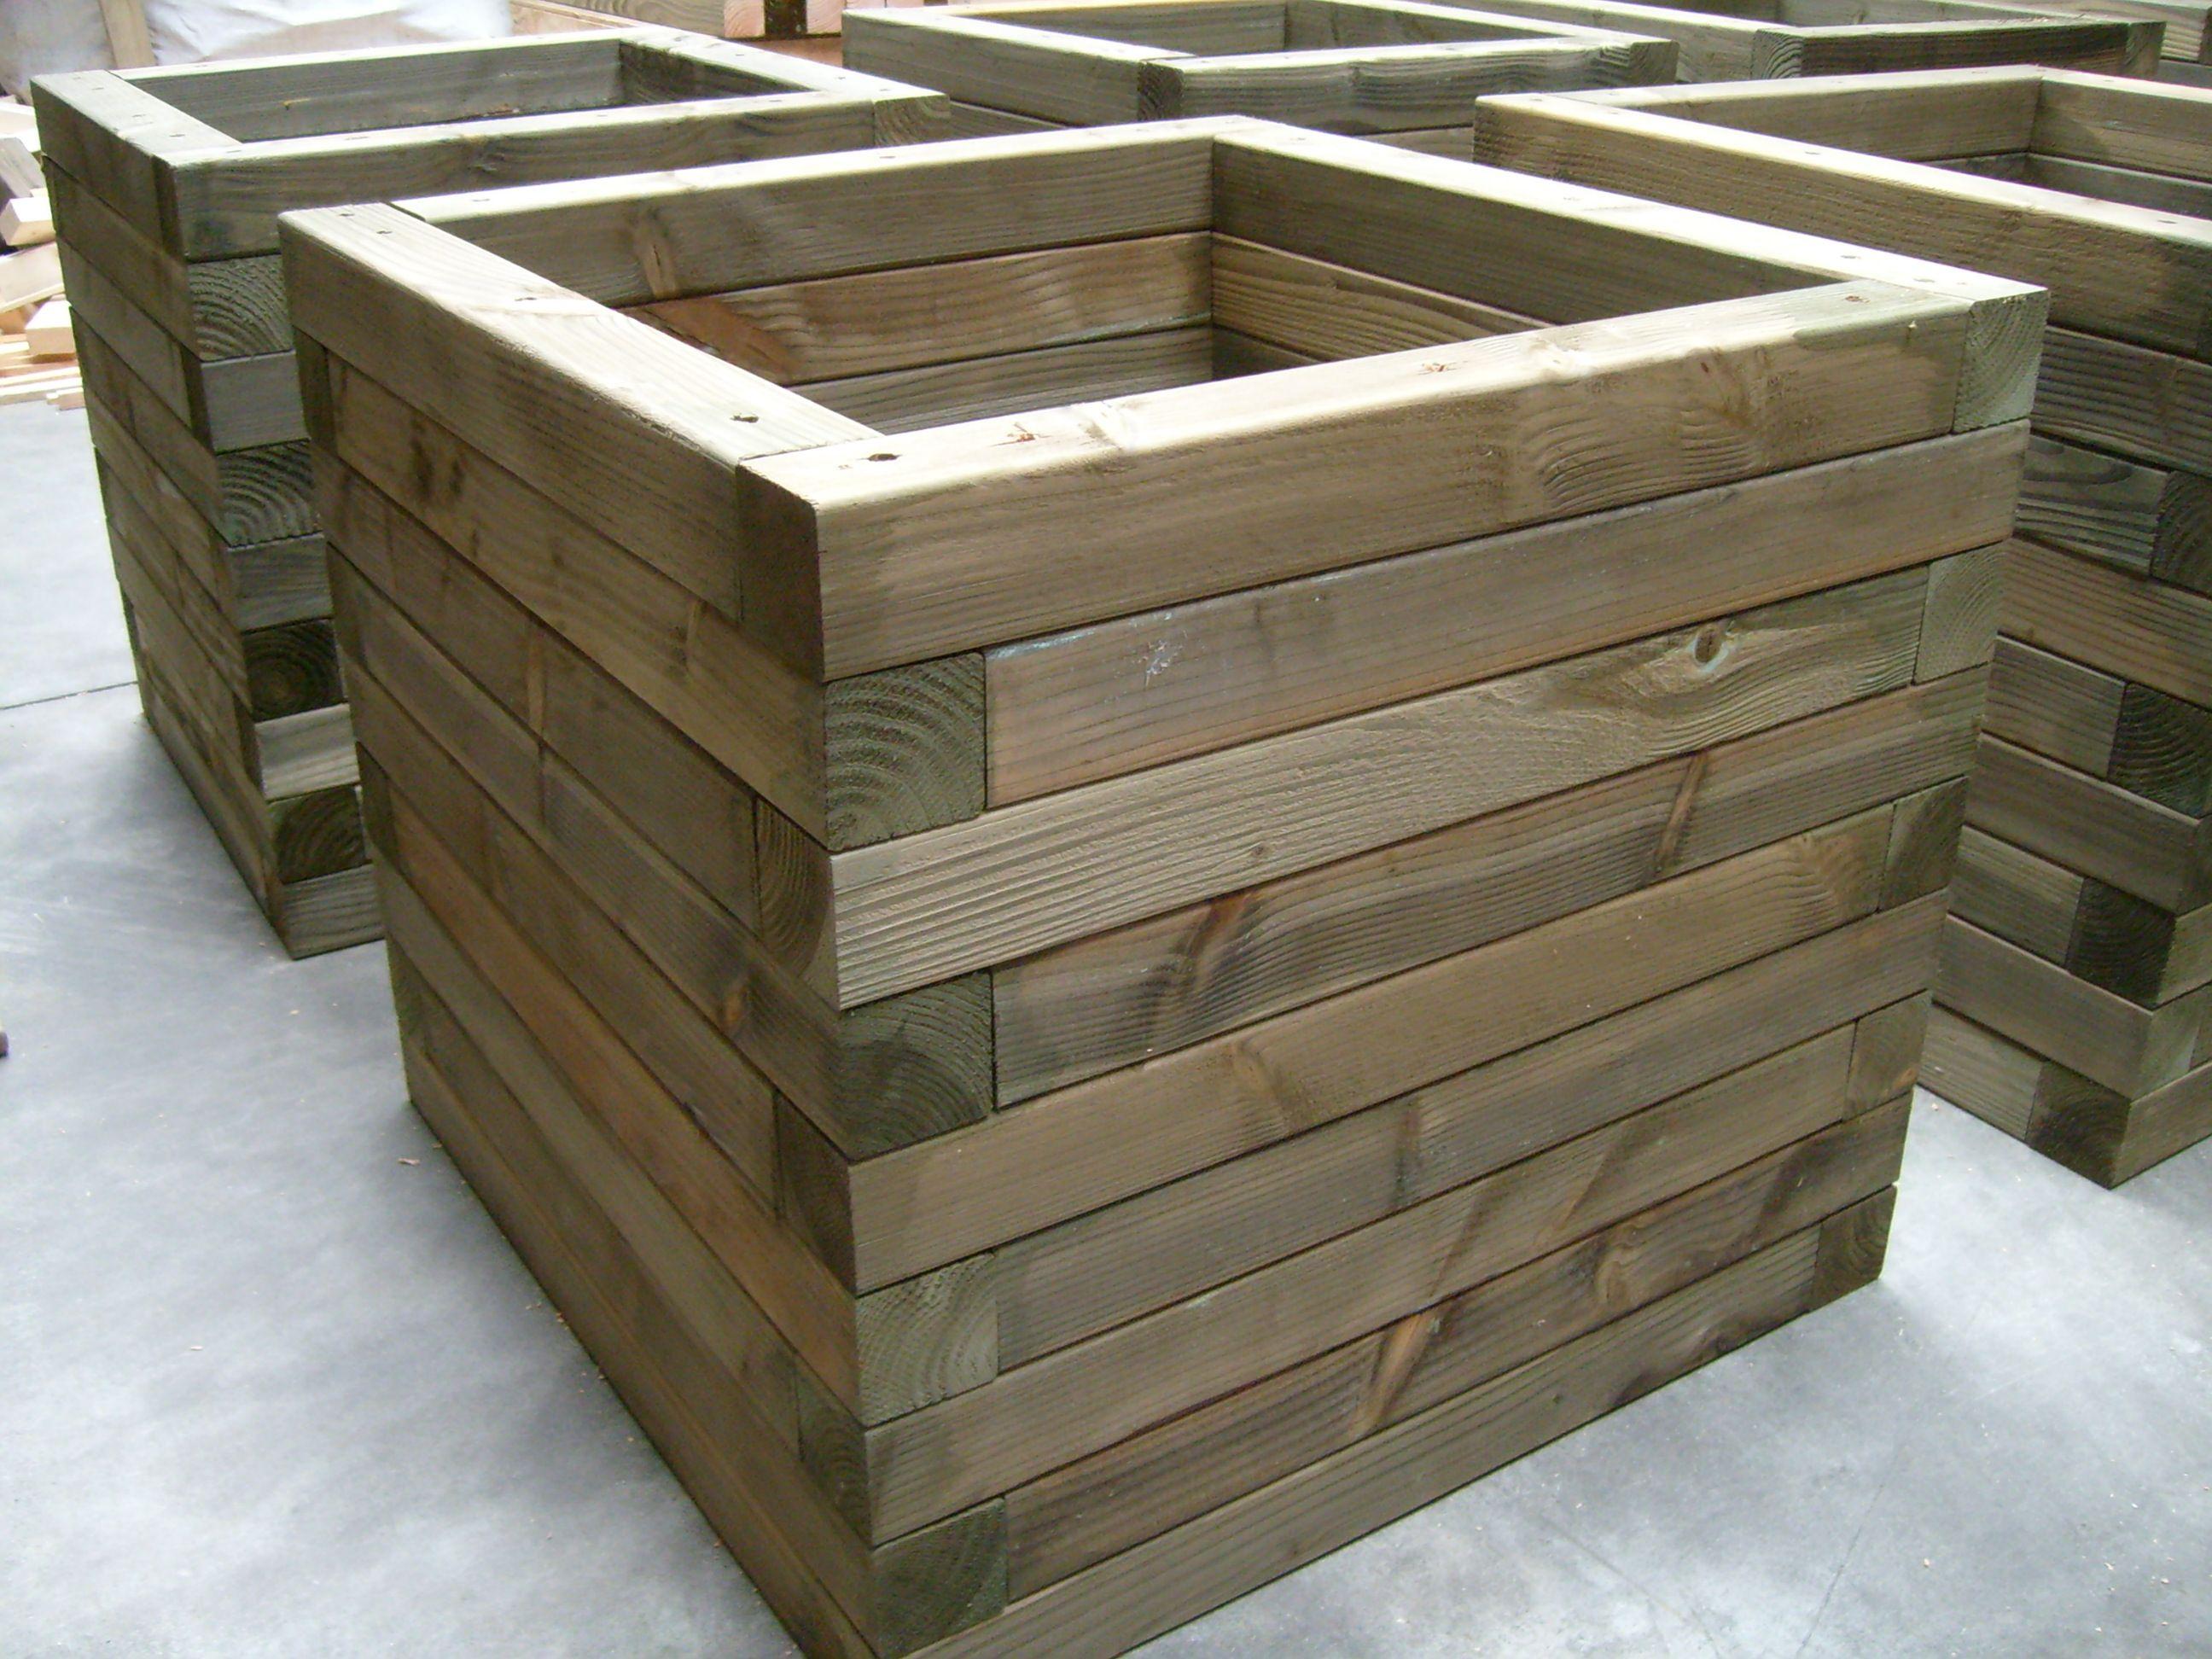 elegant image result for bloembakken hout buiten groot with buiten groot